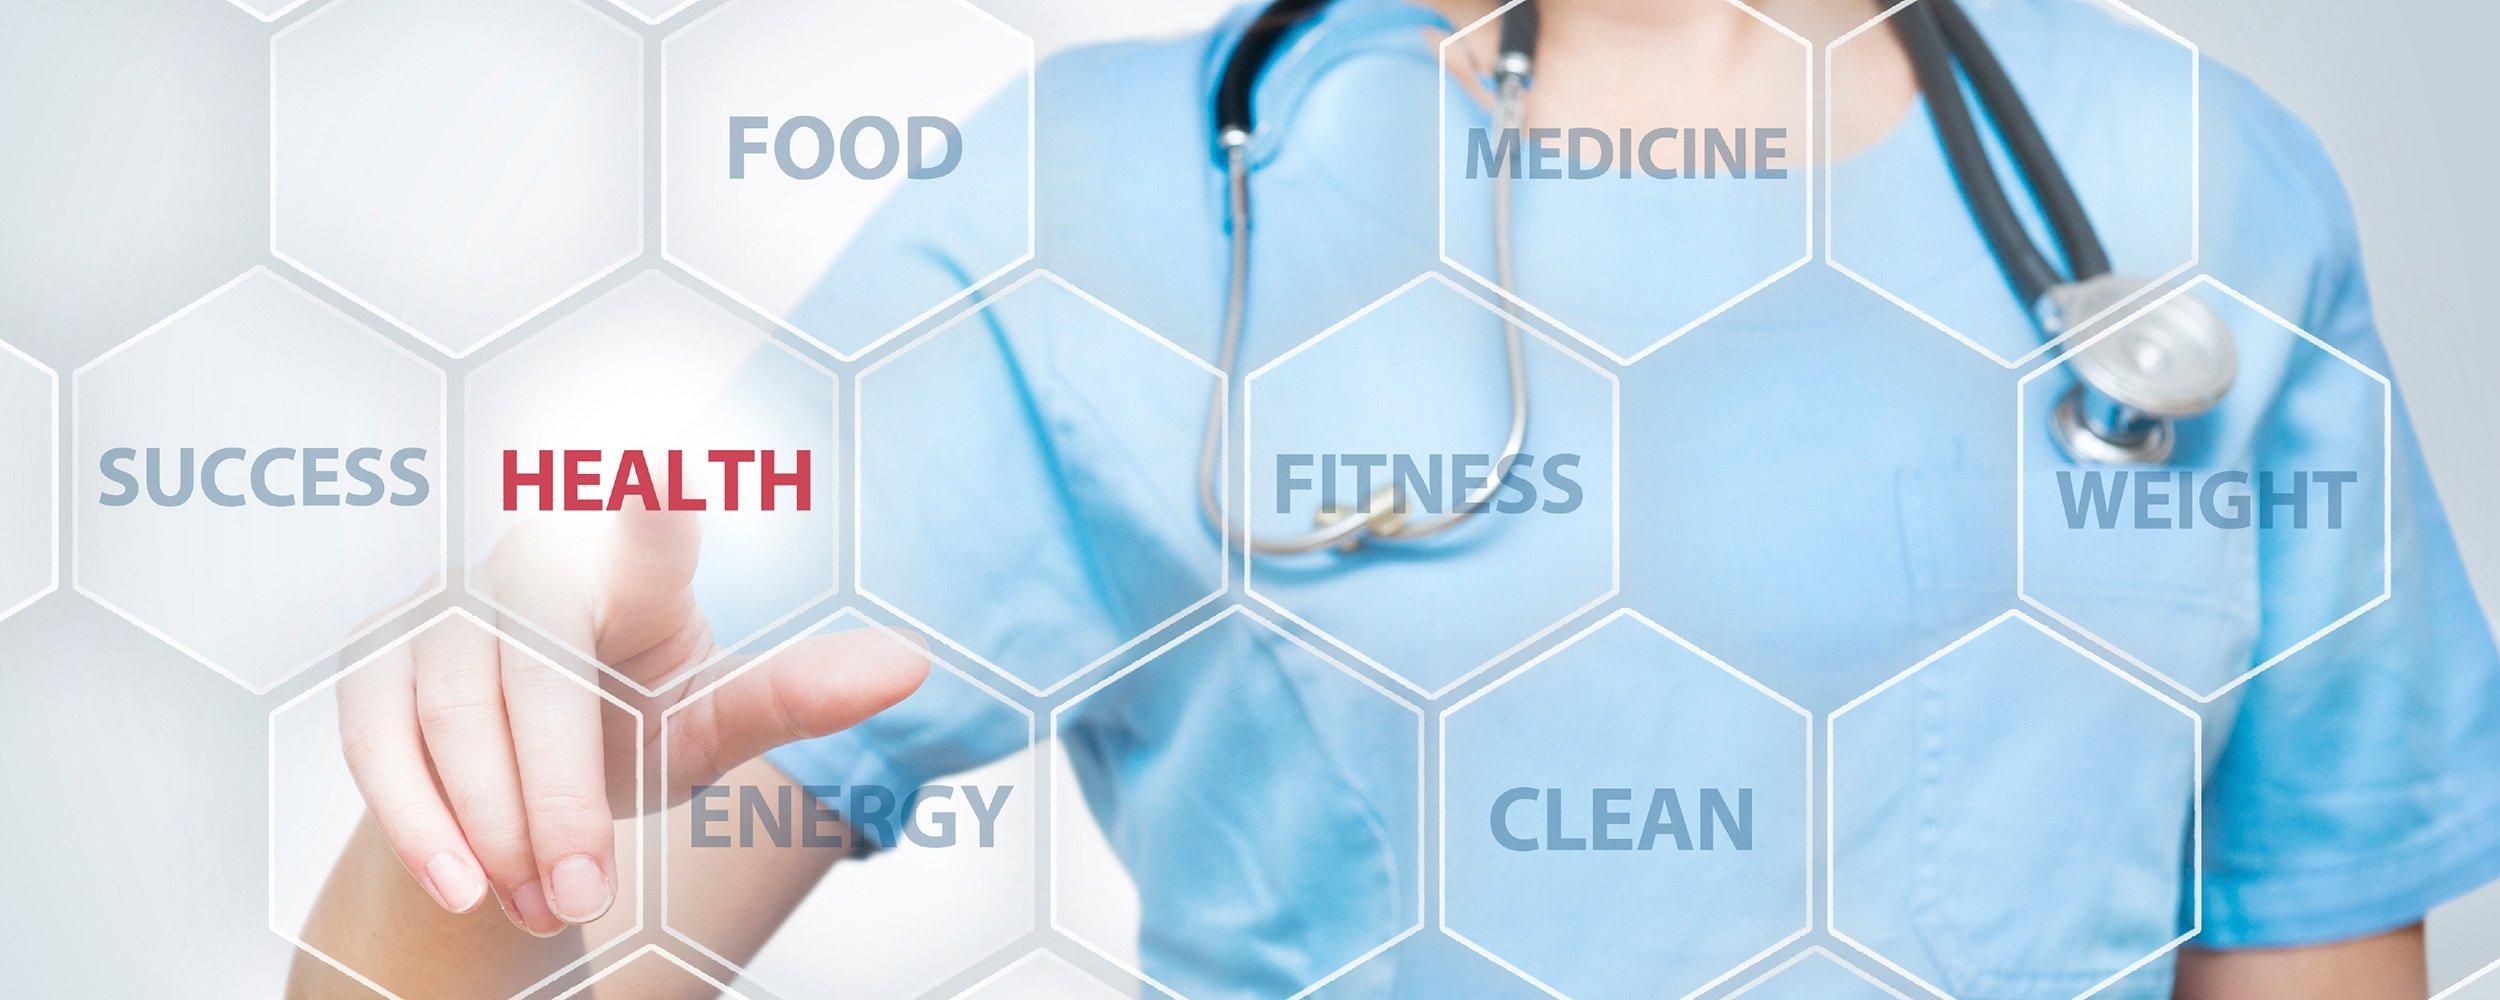 Stress aus der Verwendung von elektronischen Patientenakten verknüpft ist Arzt burnout